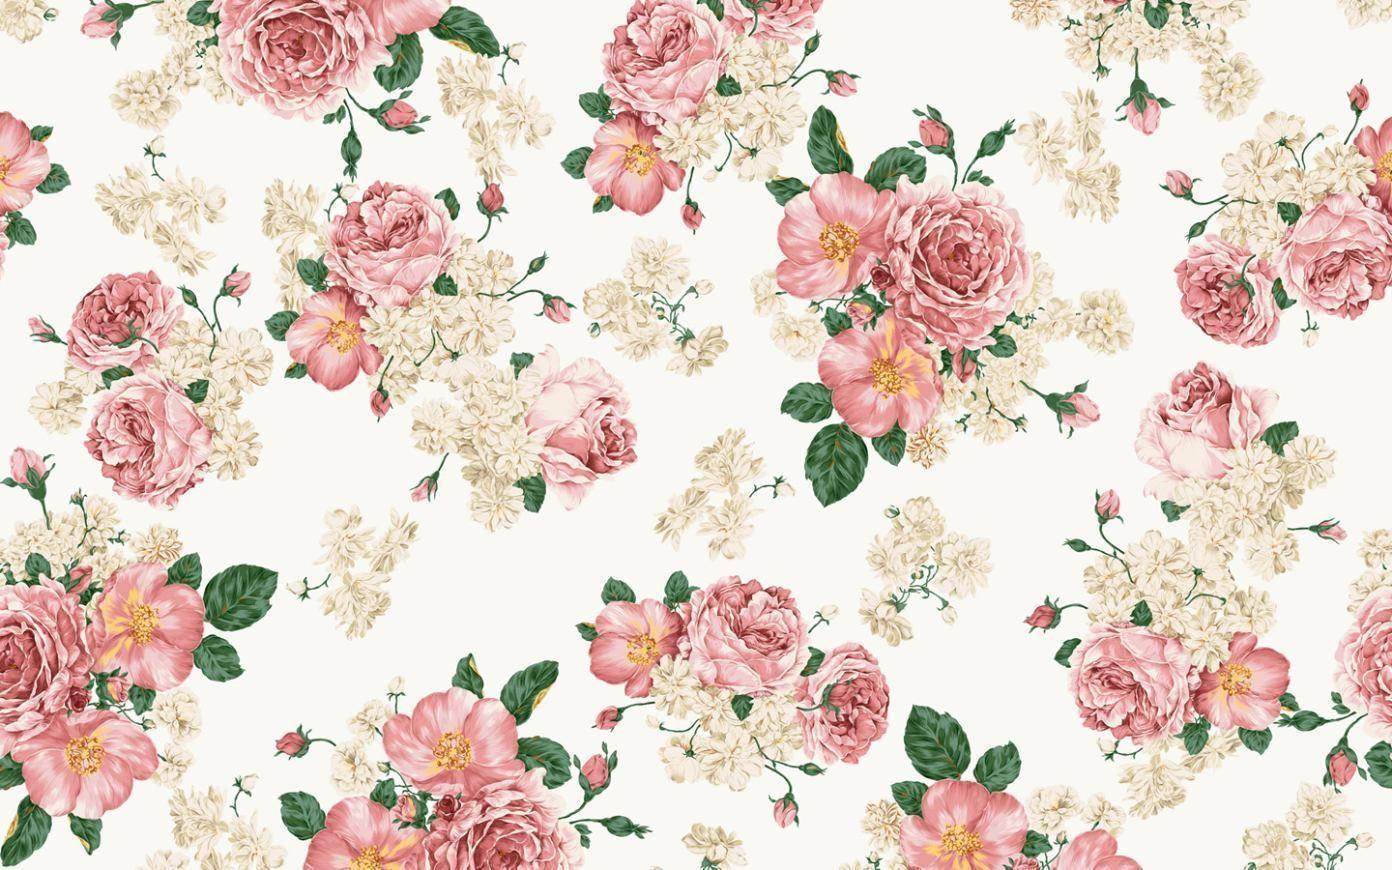 Fondos De Pantalla Vintage: Imagenes Vintage Flores Para Fondo Celular En Hd 16 HD